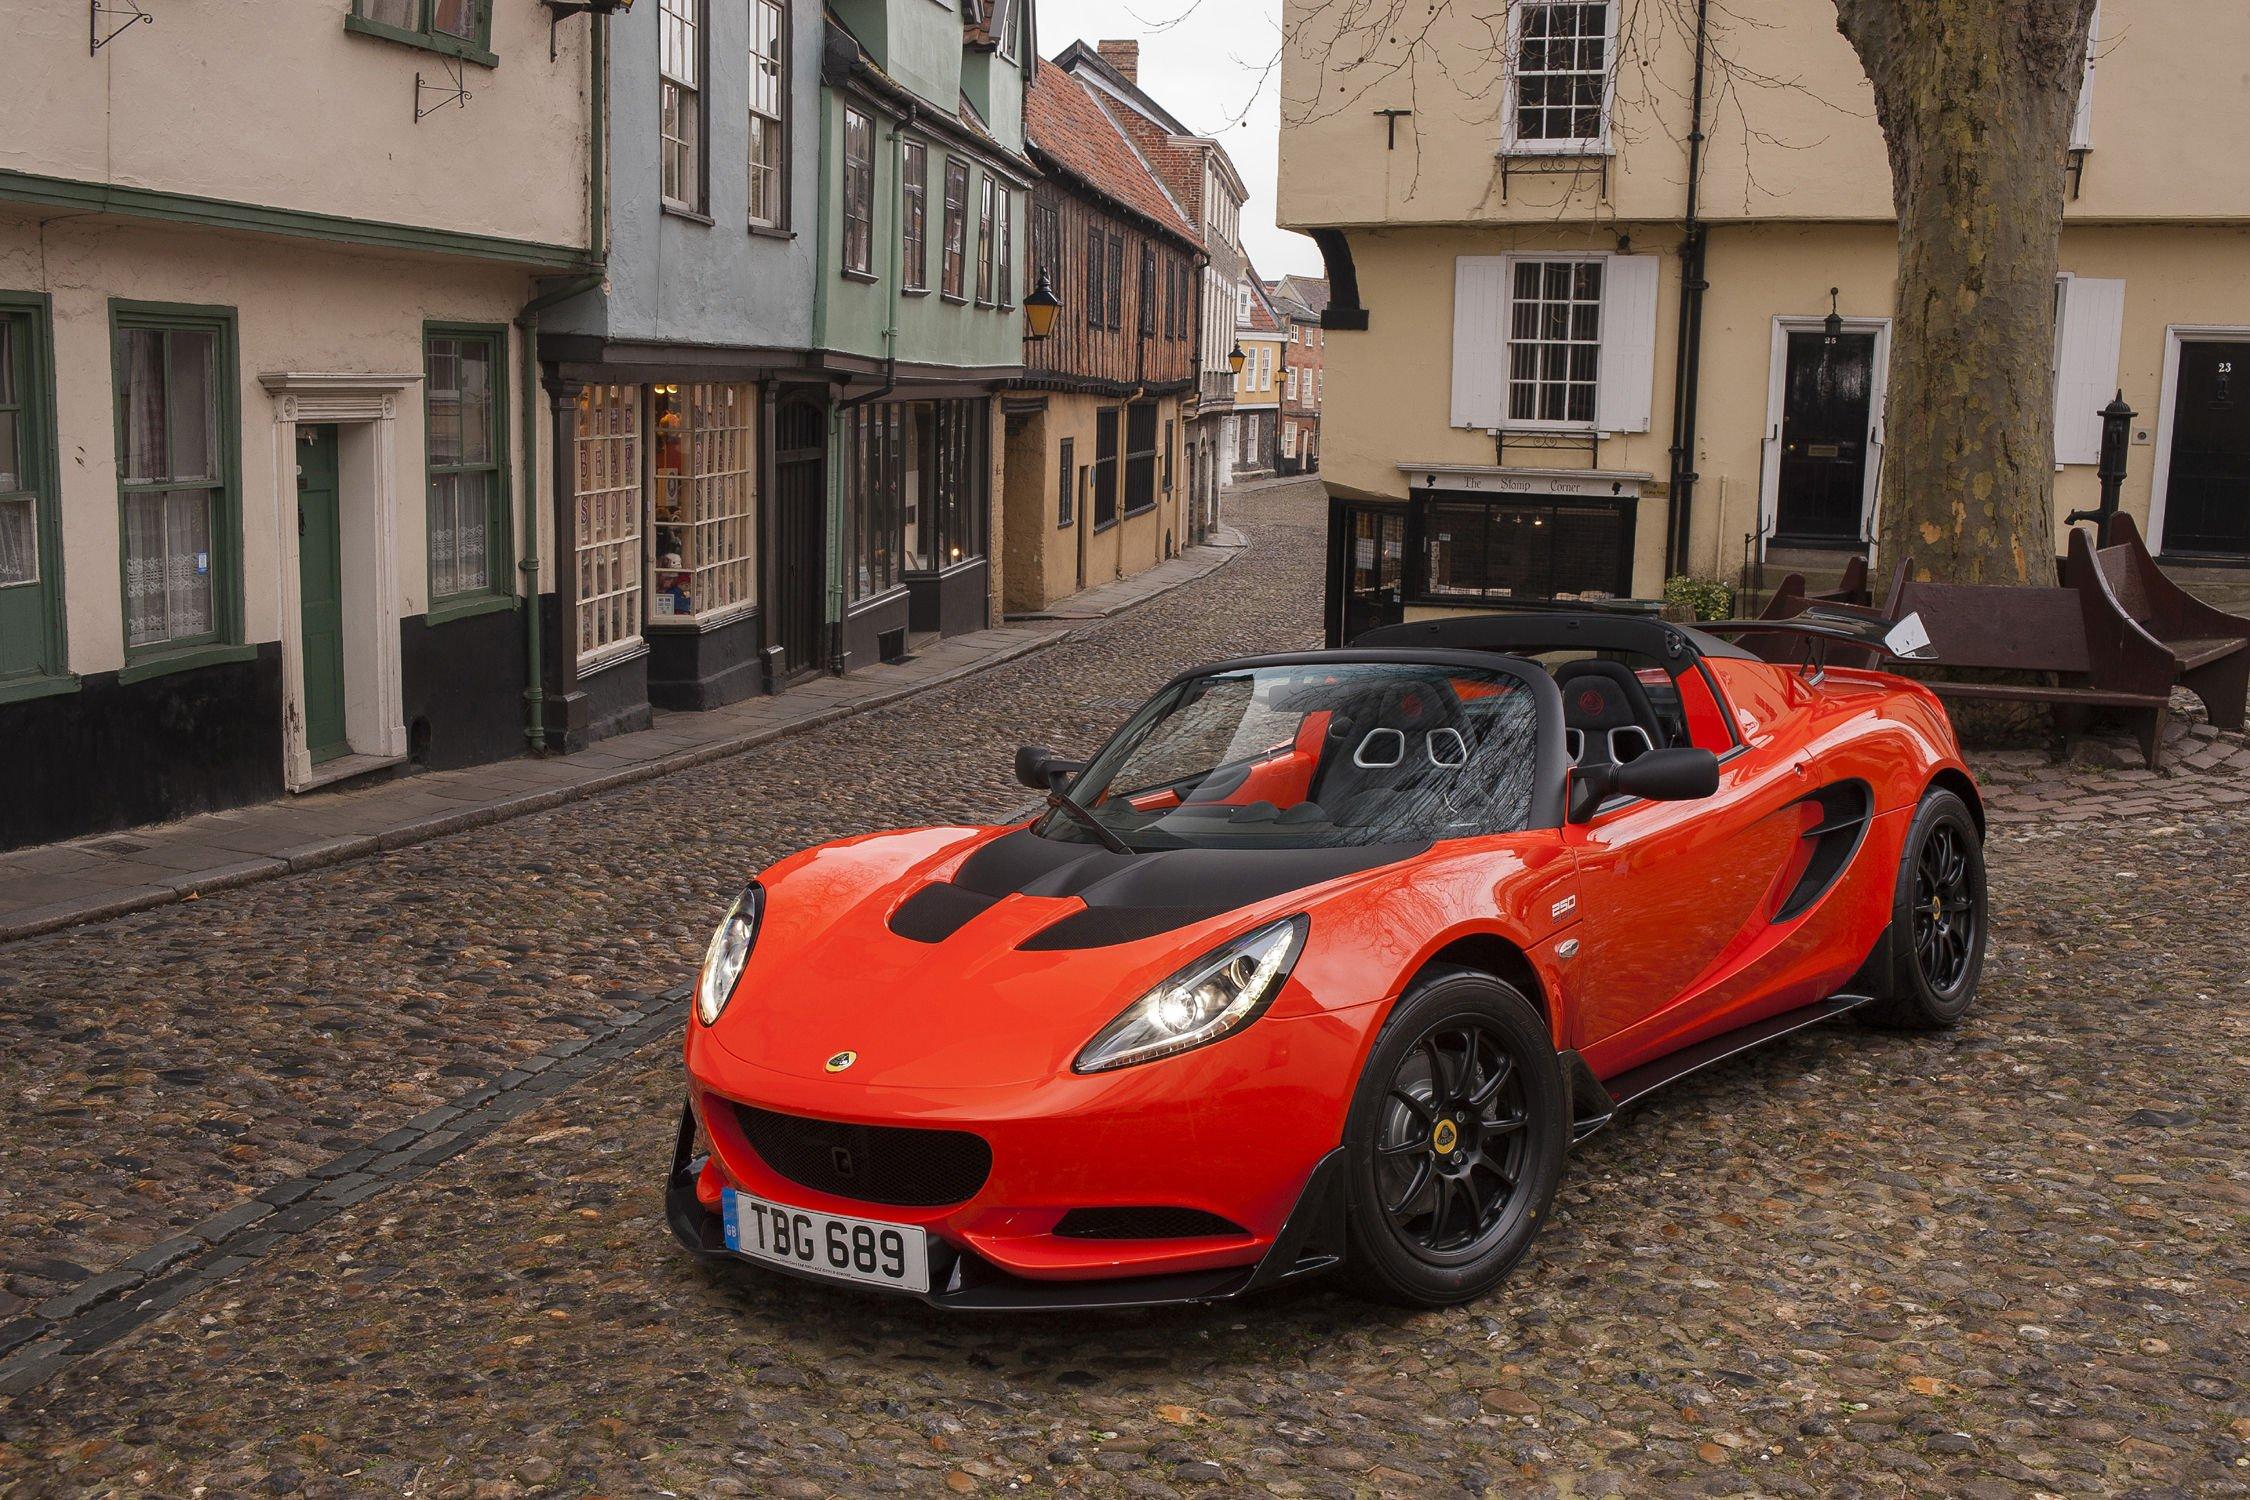 La nouvelle Lotus Elise arrivera en 2020 - actualité ...